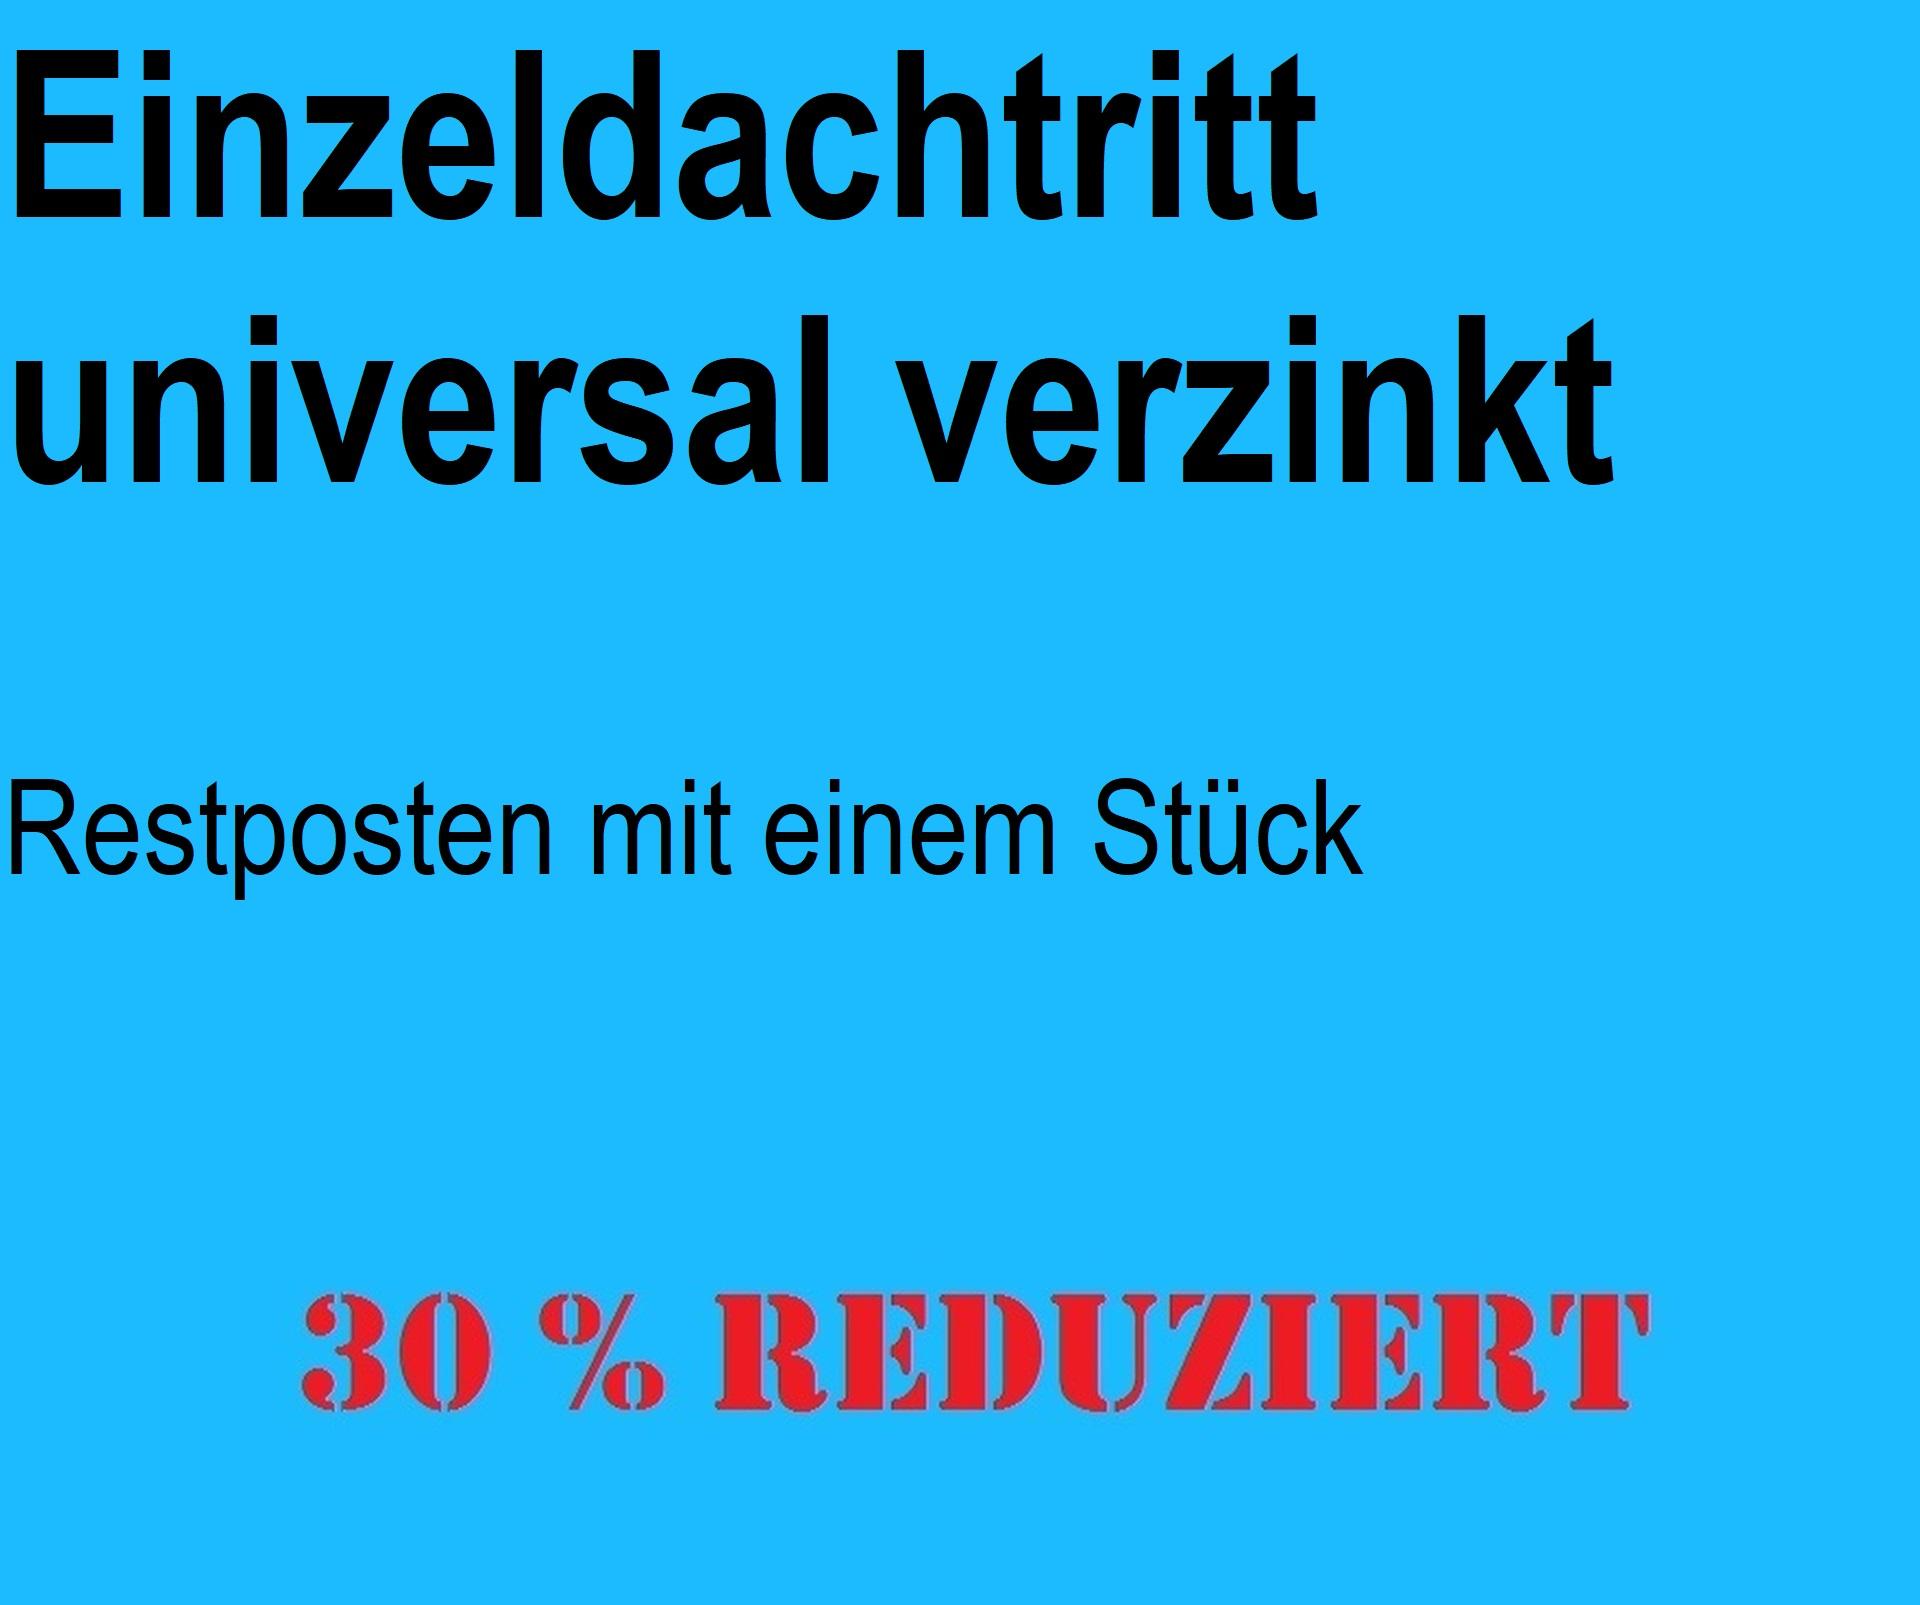 Restposten - Einzeldachtritt, universal verzinkt